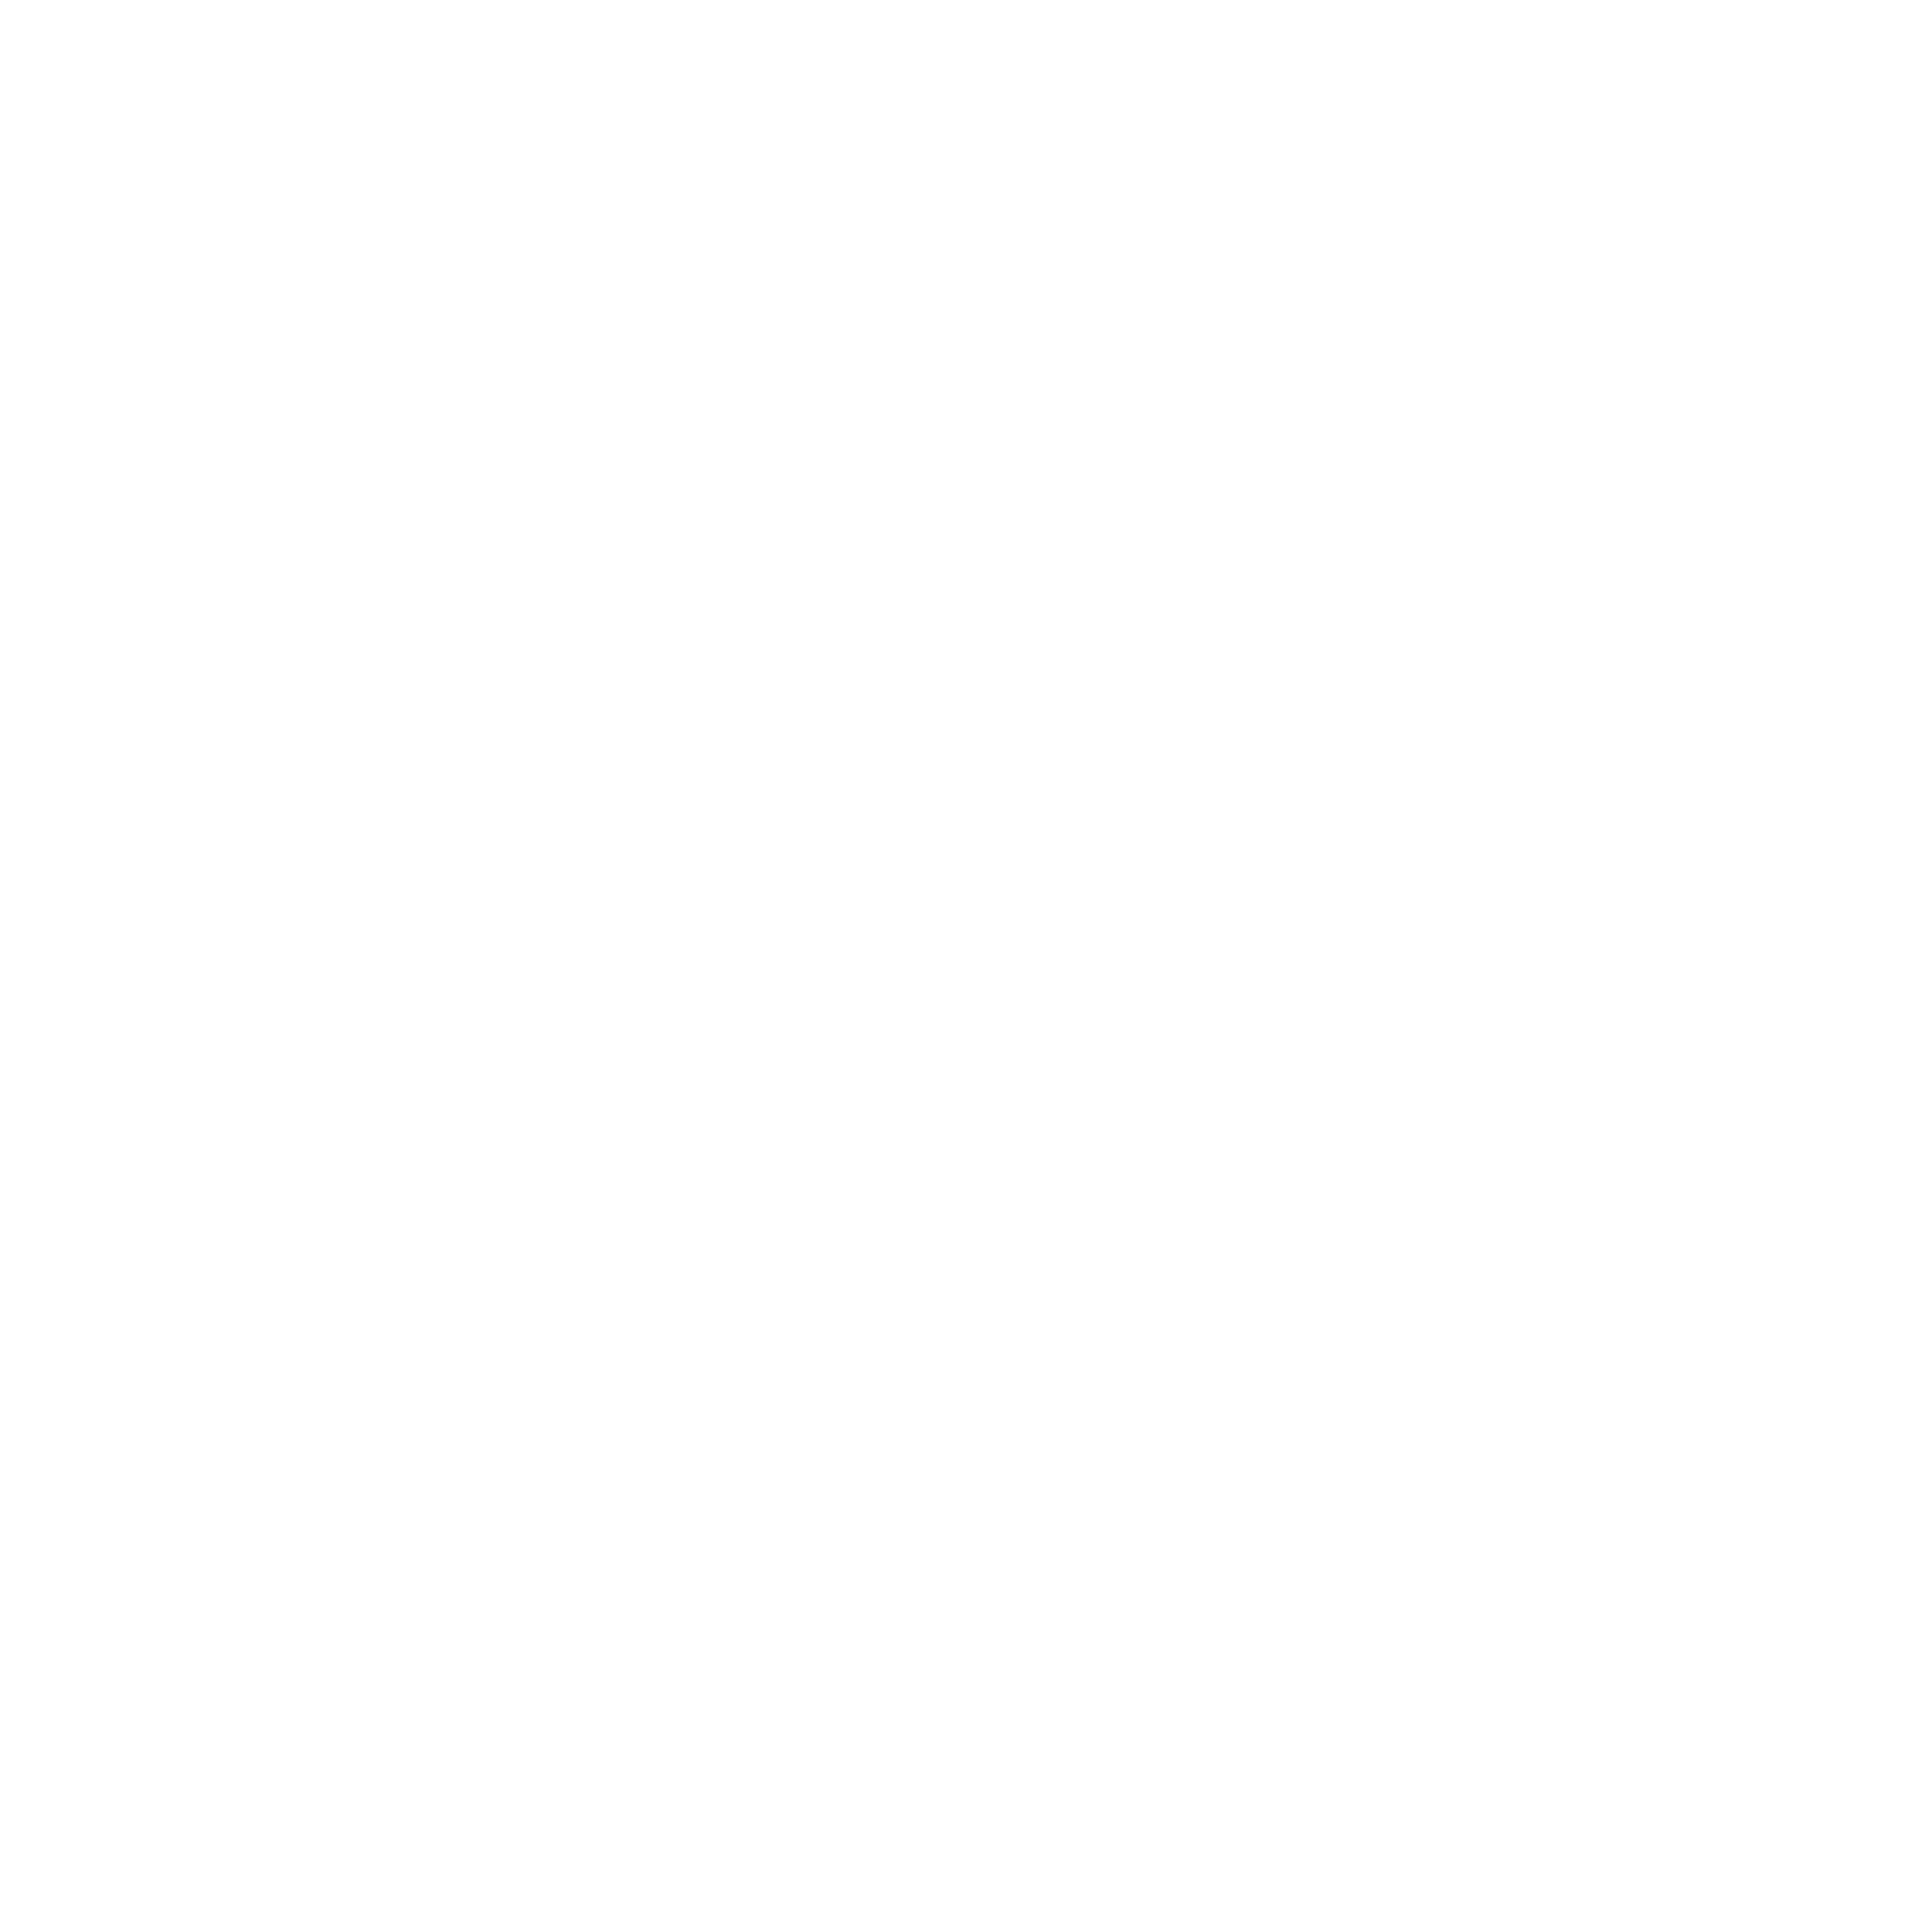 Icone facebook_Plan de travail 1 copie